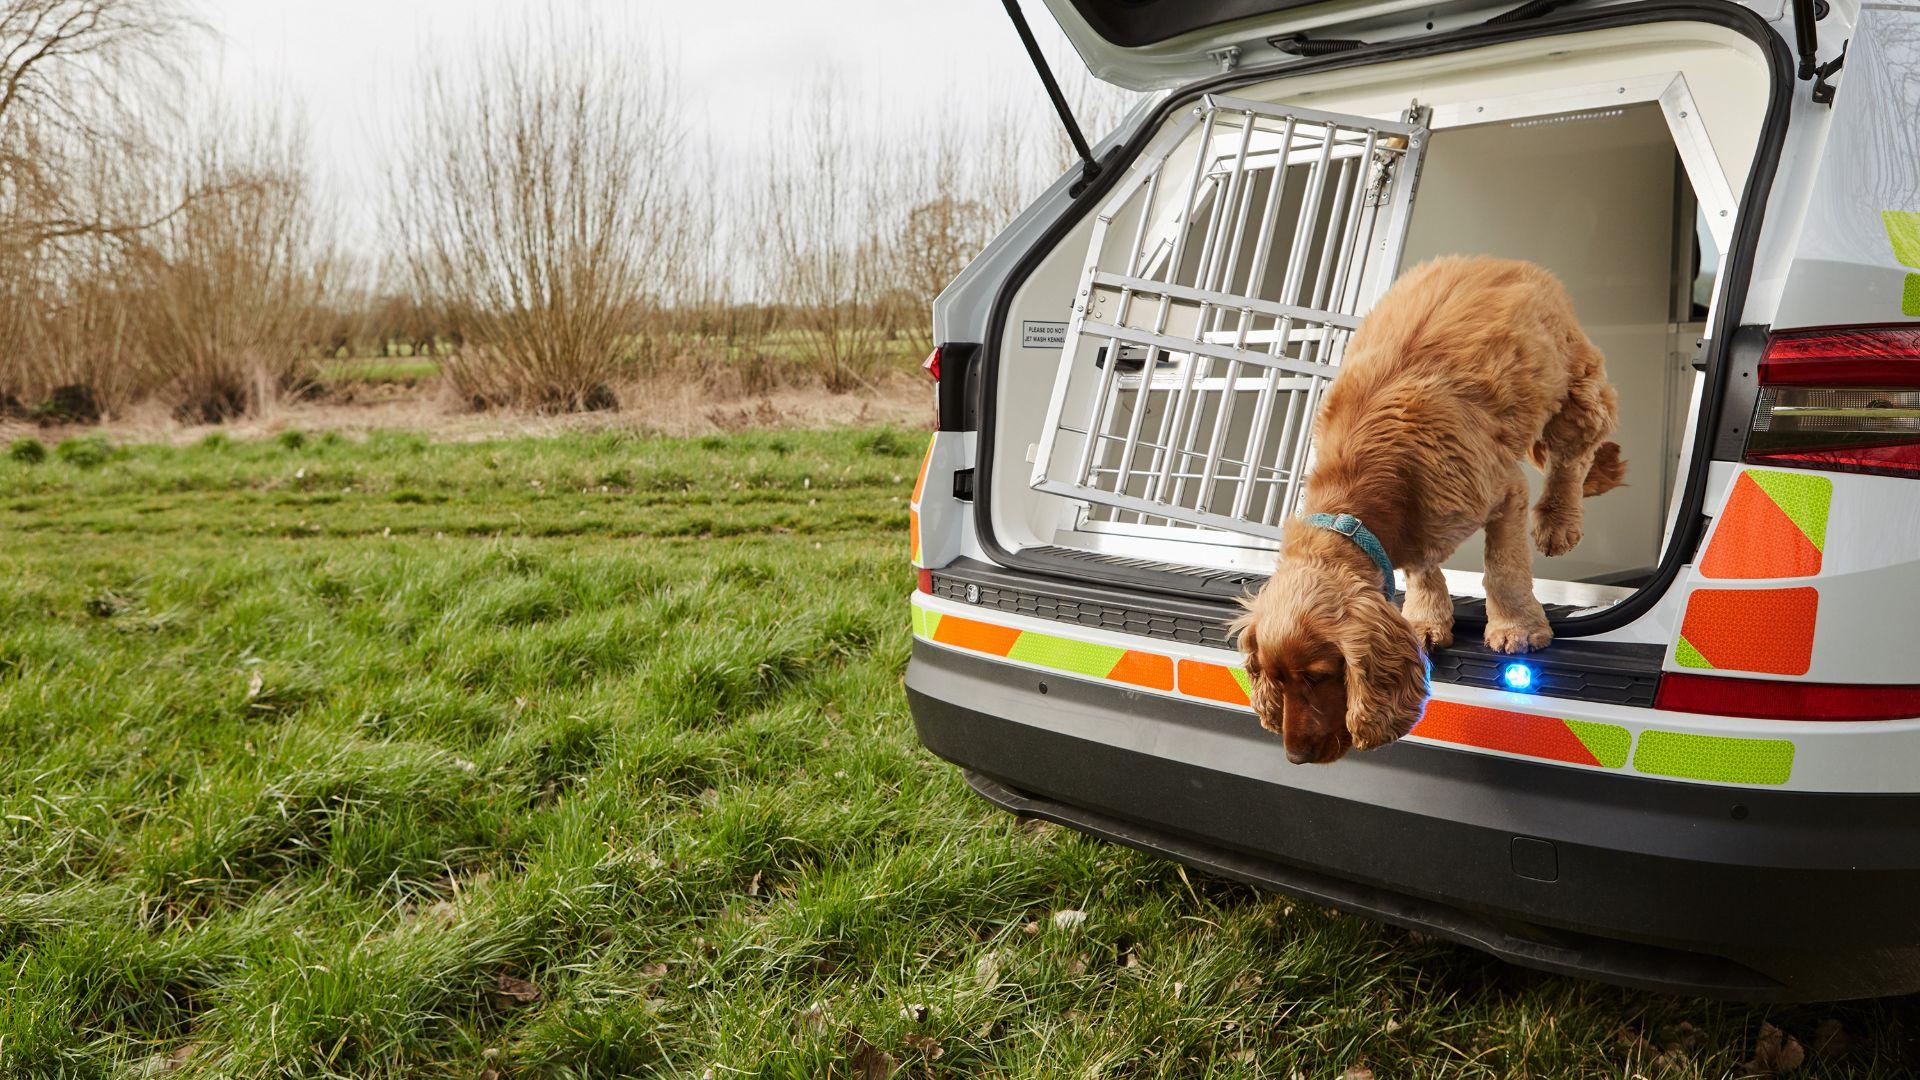 Skoda Kodiaq joins police dog fleet